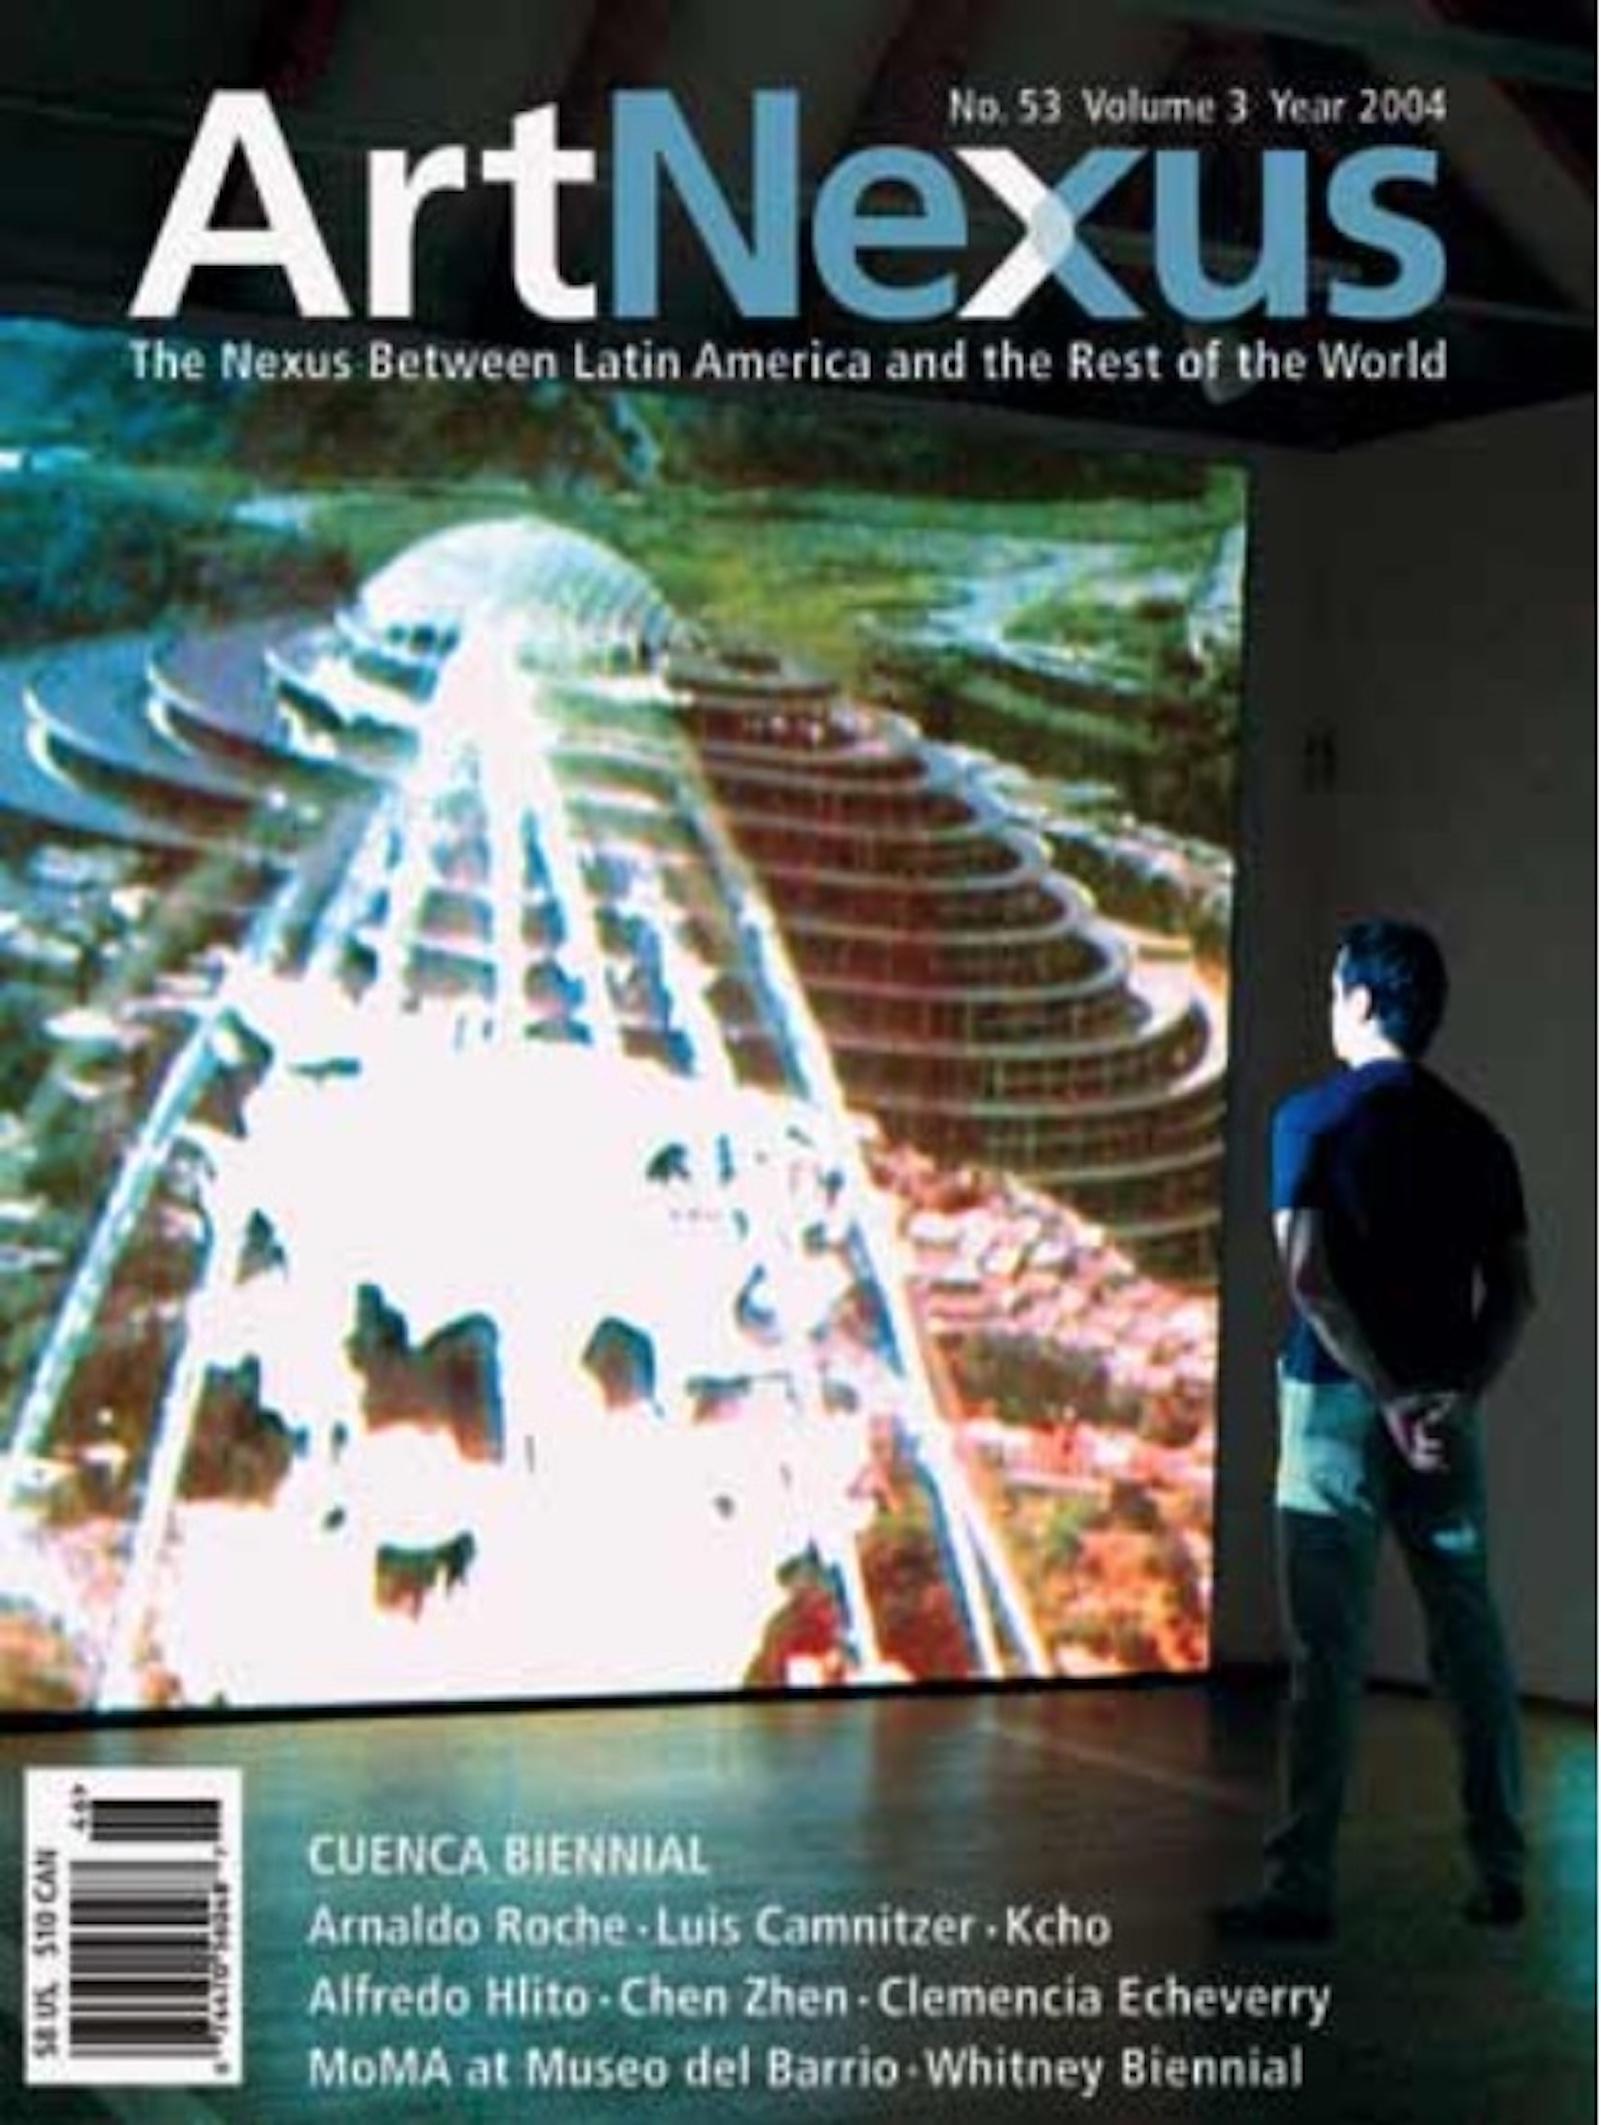 ArtNexus_2004_vol.3_53_Jorge Pardo